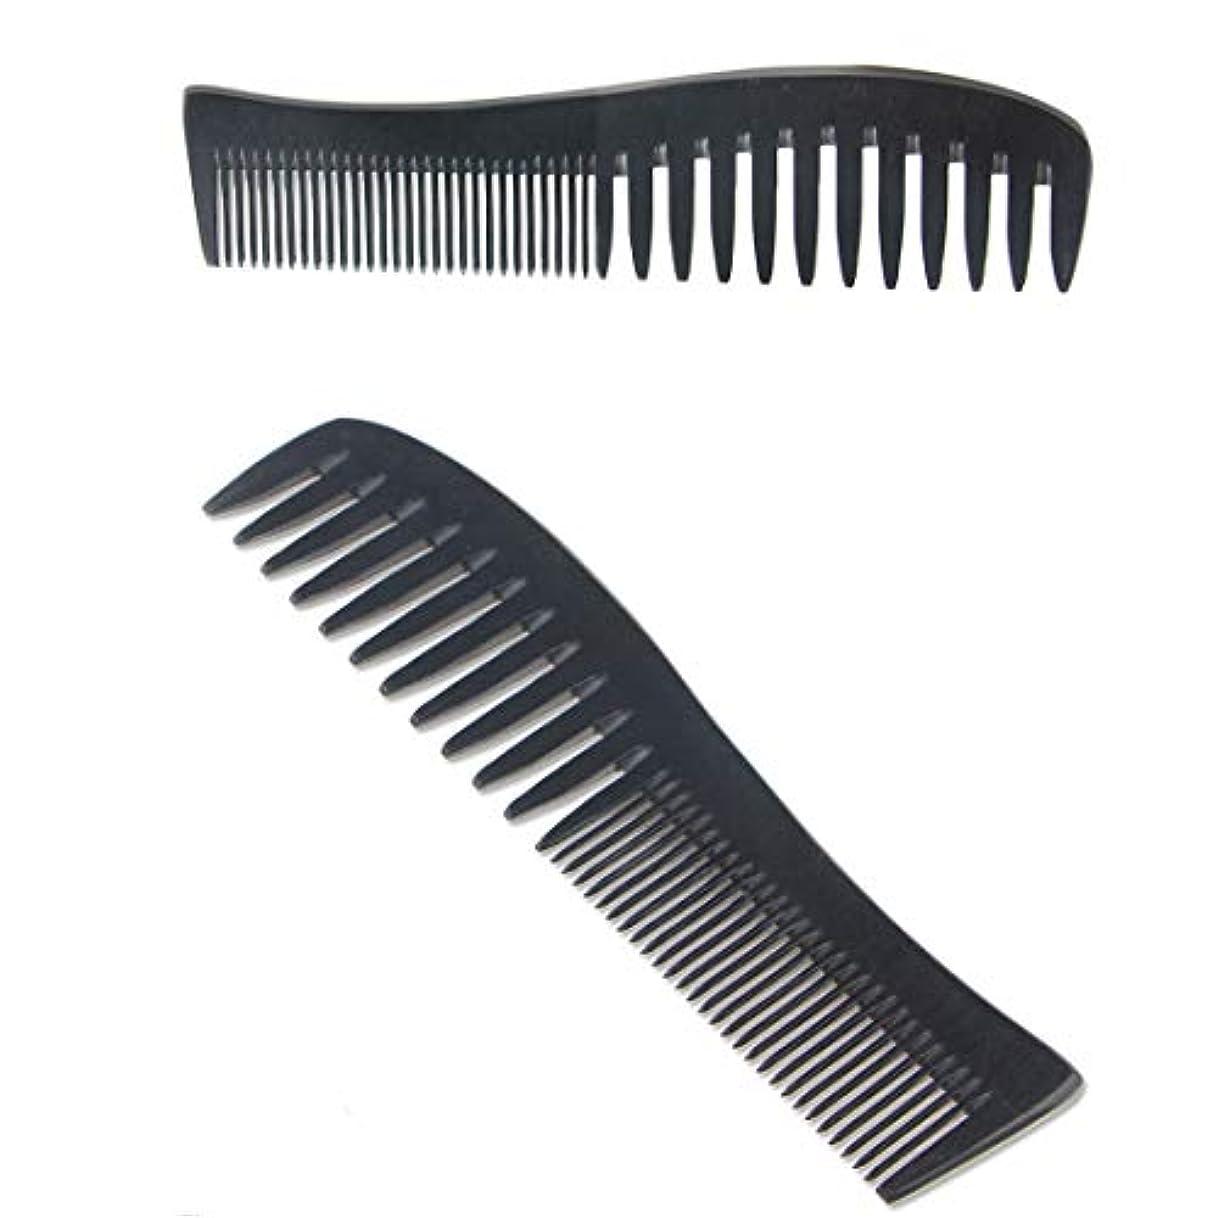 限られた正確キャラバン手作りの木製くし - ふけ防止、帯電防止、環境にやさしい - 頭皮と髪の健康に最適、幅広の歯2個 ヘアケア (色 : 2Pcs)